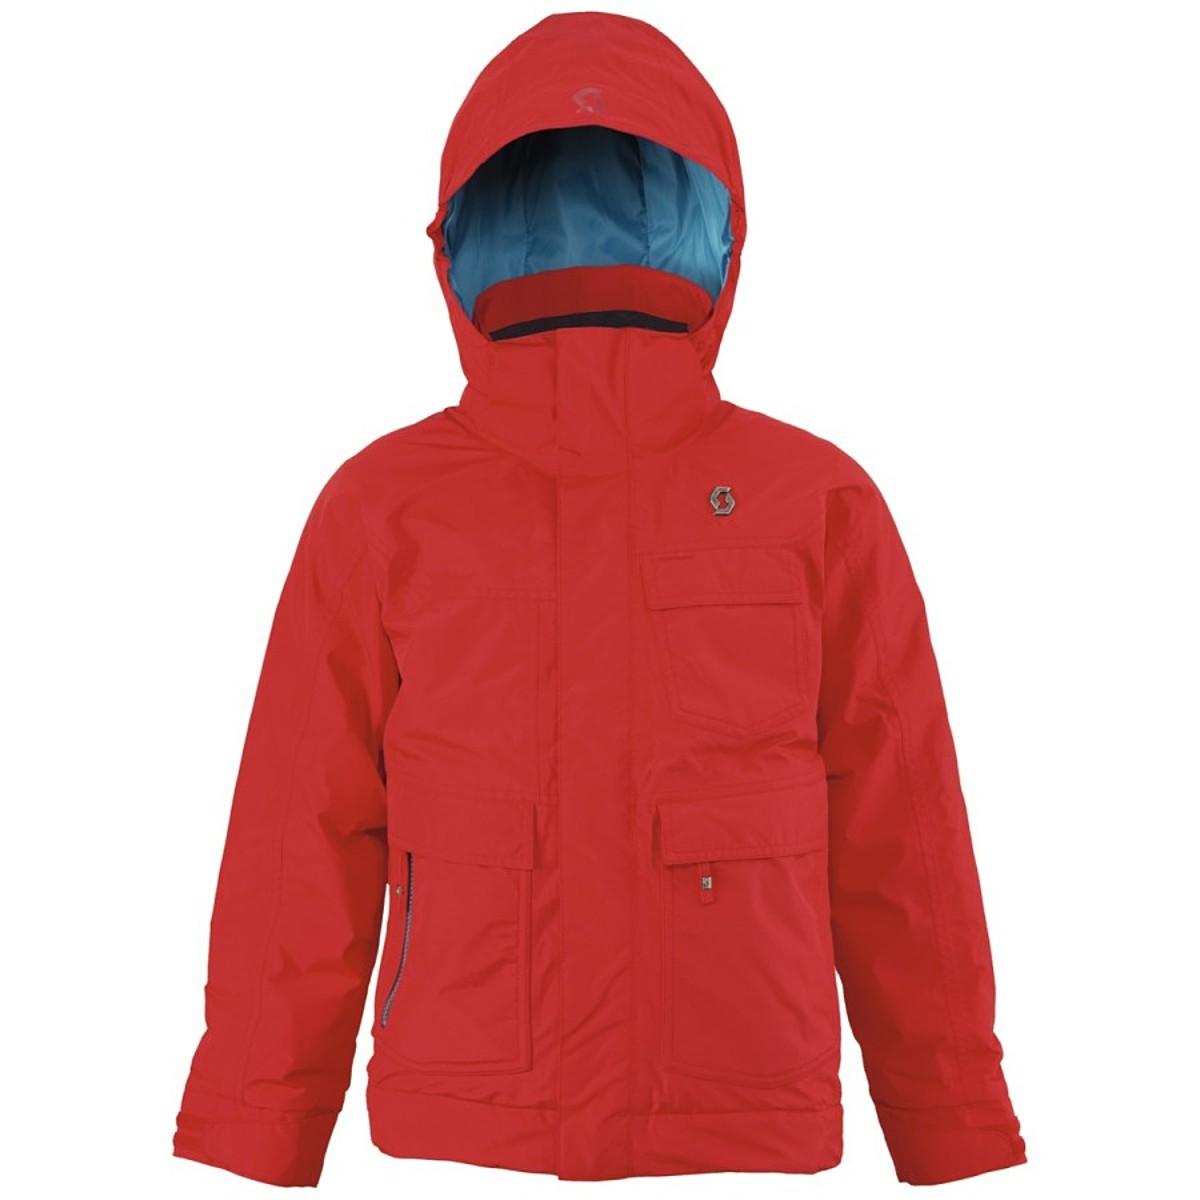 Scott Premium GT Jacket